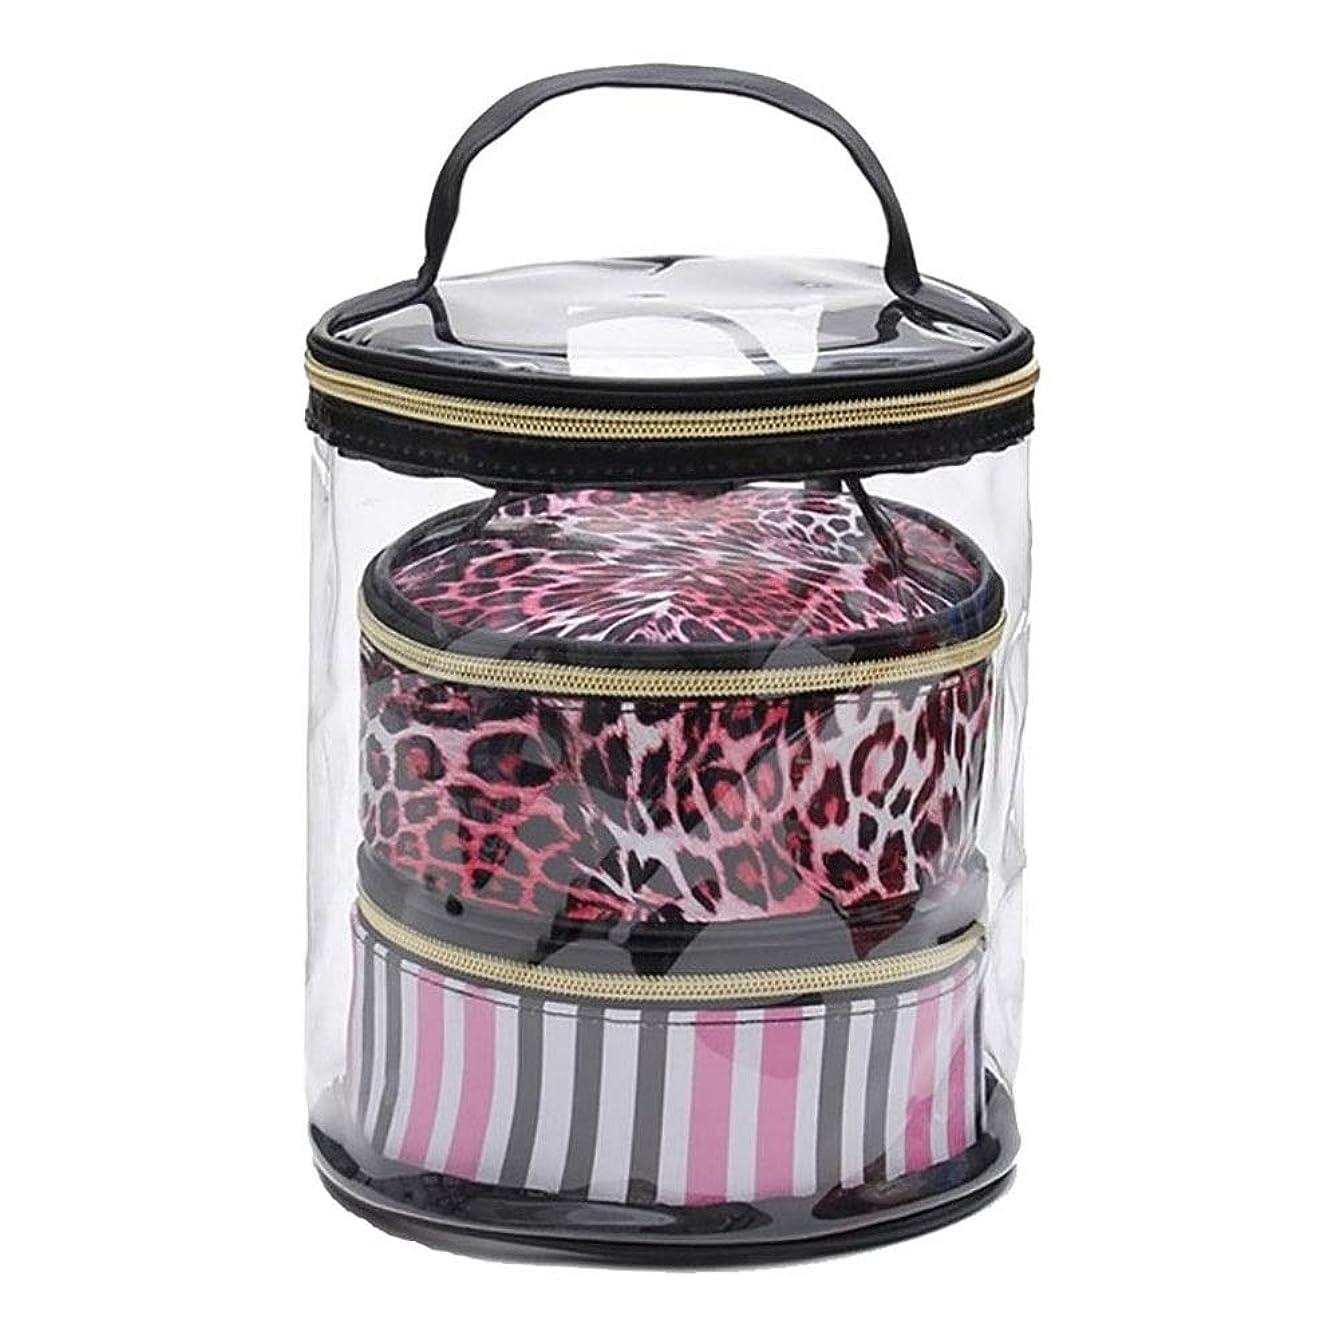 ママ休戦やがて化粧品バッグ 収納袋セット ポータブル 旅行 化粧ブラシ用 ウォッシュバッグ 防水 PVC 透明 ハンドルとジッパー付き ツールキット